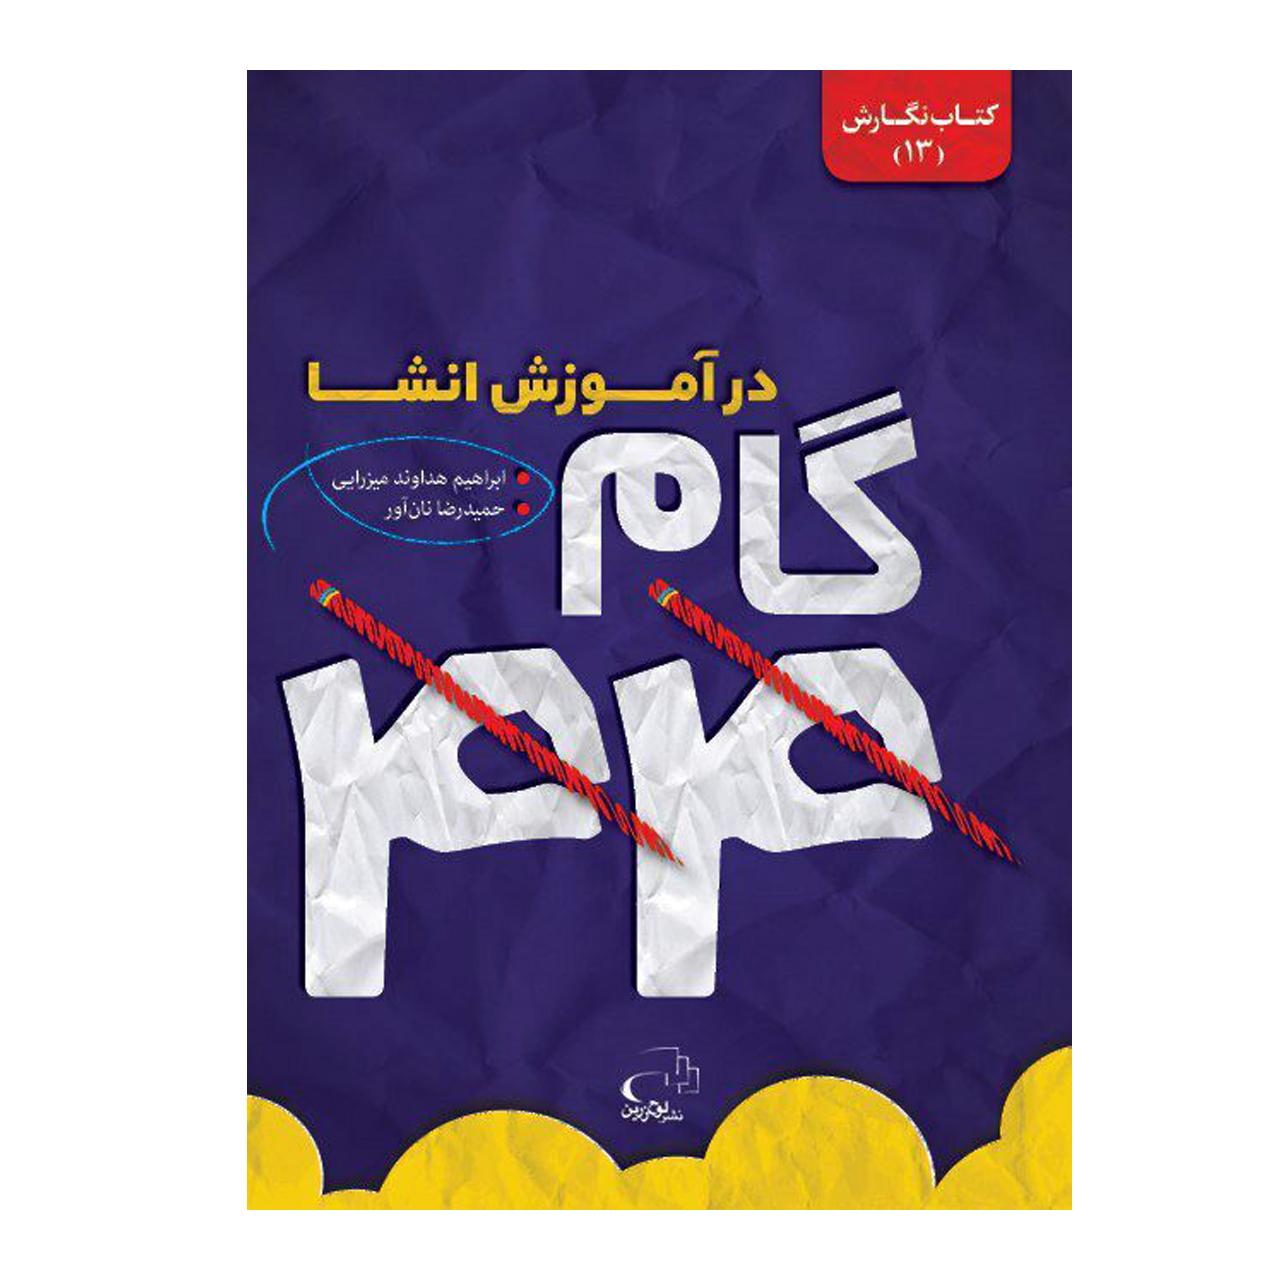 کتاب 44 گام در آموزش انشا اثر ابراهیم هداوند میرزایی